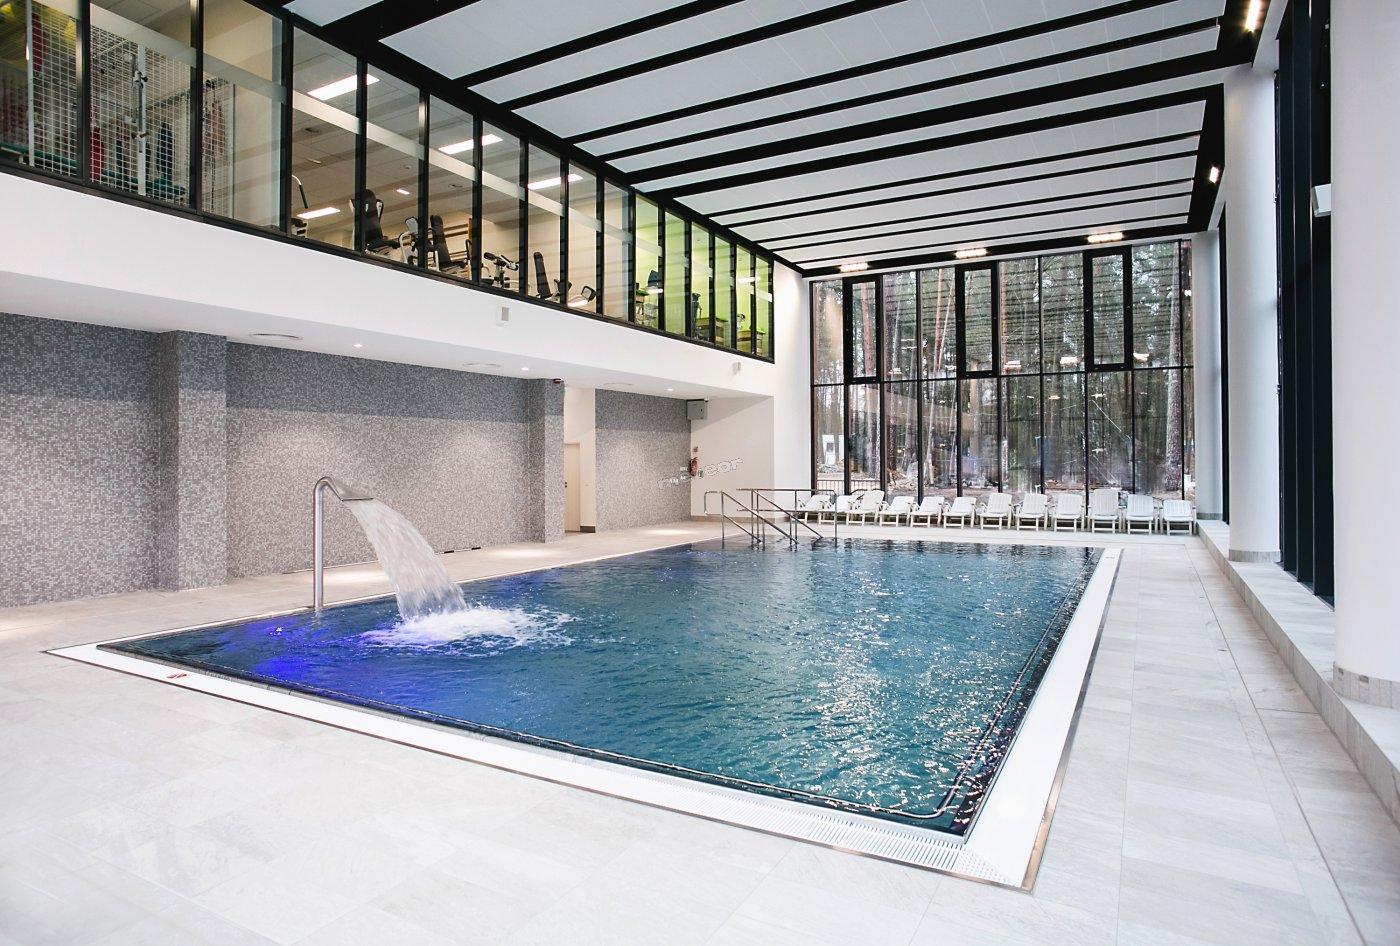 Nowoczesny basen z niespotykanym widokiem na park zdrojowy o głębokości 1,2 m oraz wymiarach 13 x 5 m.  Posiadający bicze wodne oraz nieckę ze stali nierdzewnej wyposażoną w hydromasaże.   Basen rehabilitacyjny dostosowany jest dla osób niepełnosprawnych